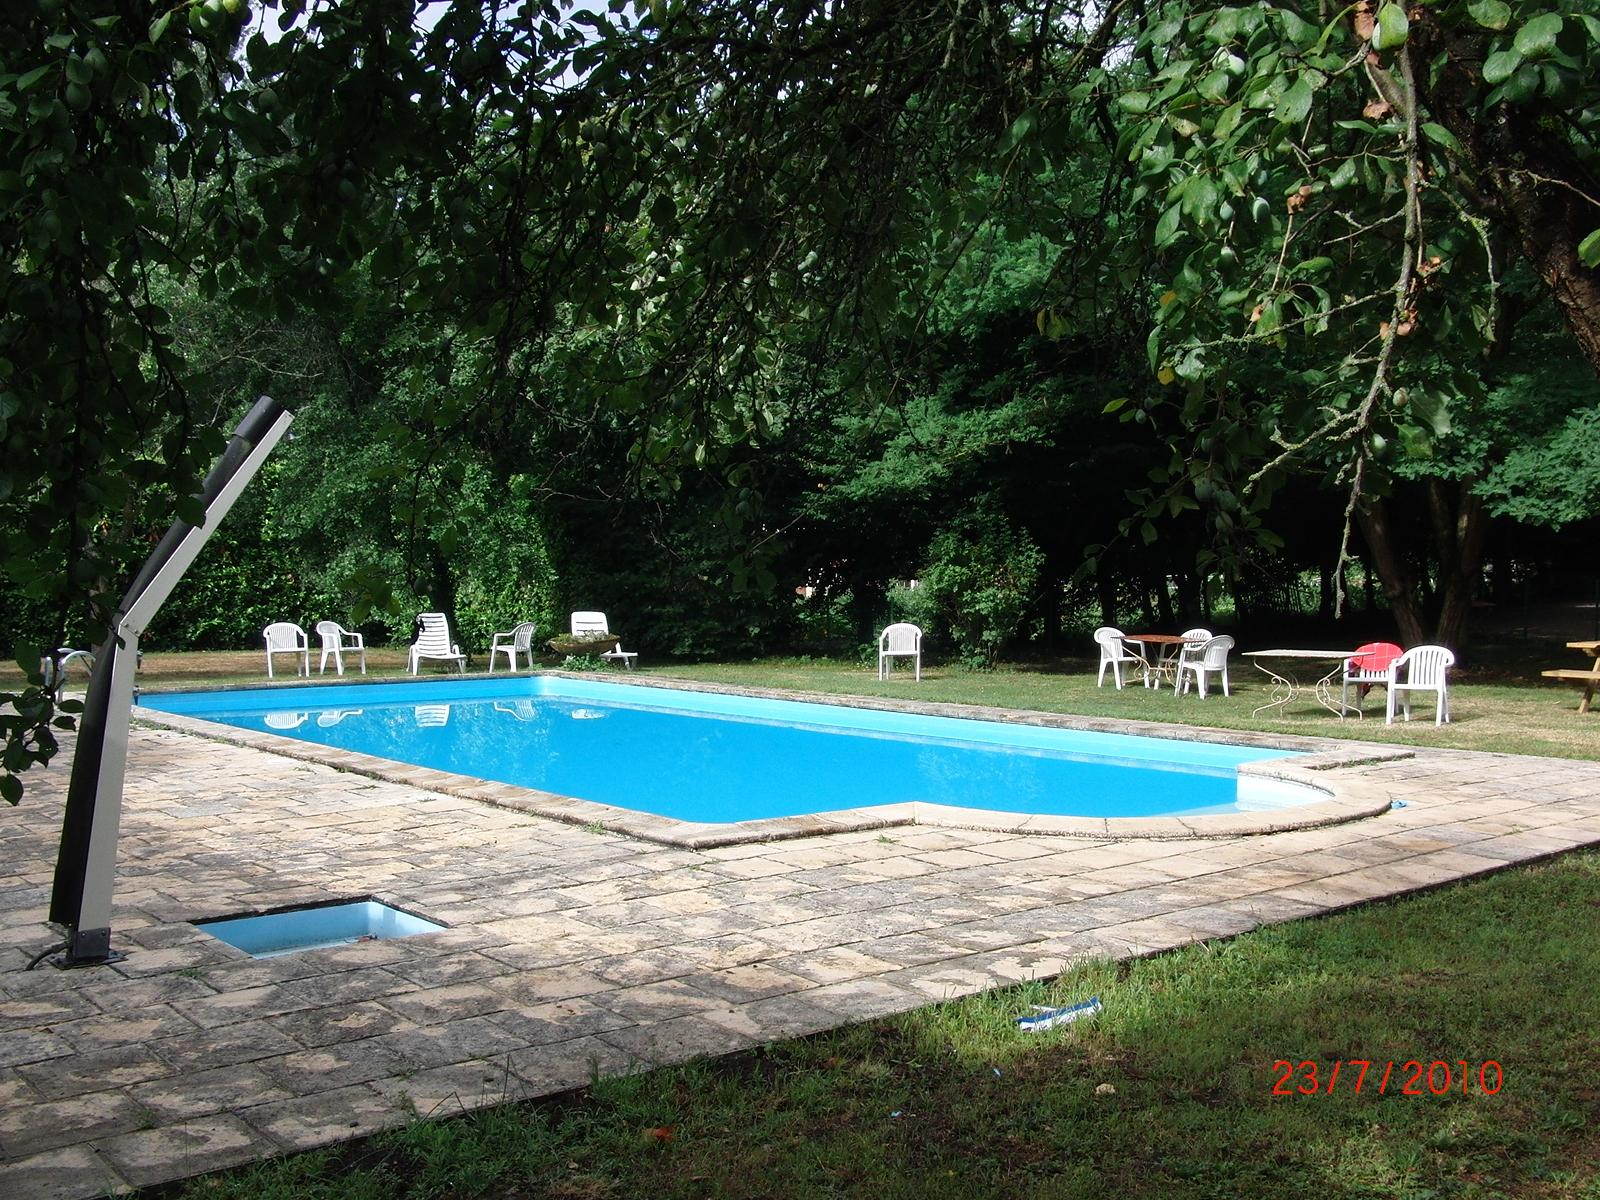 H tel du parc cransac 12110 rue du g n ral louis artous for Cash piscine orleix horaires